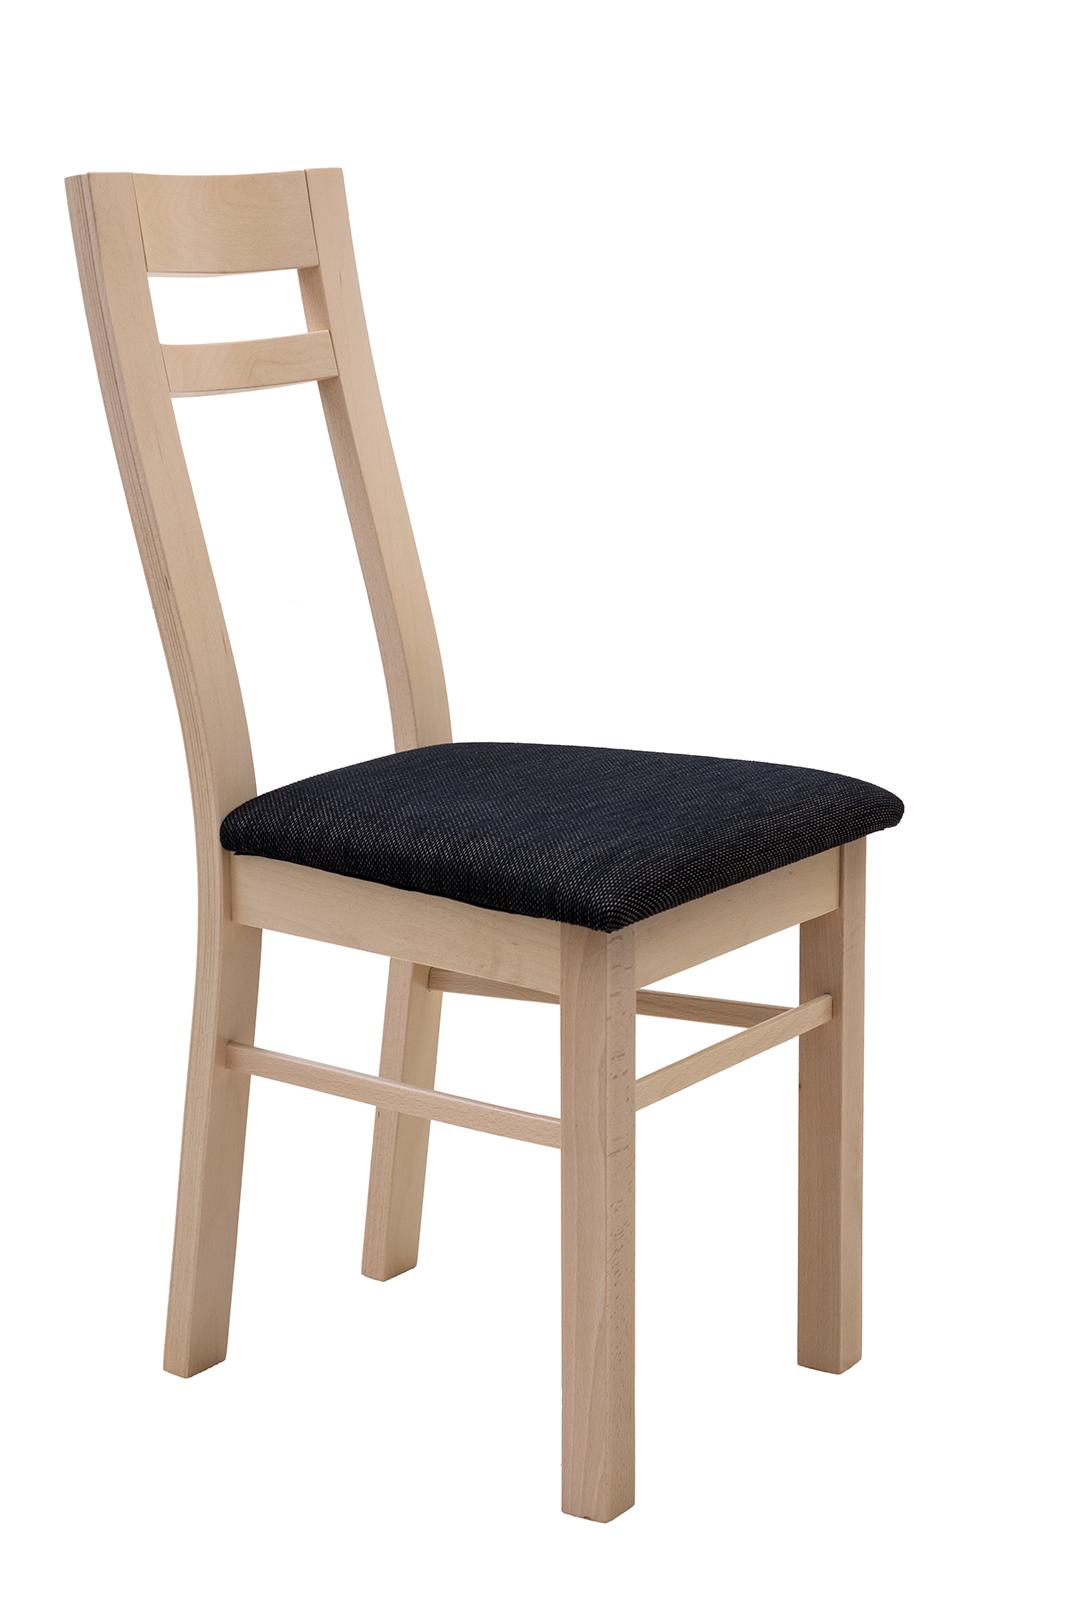 esstisch mit 4 st hlen ausziehbare tisch esszimmertisch. Black Bedroom Furniture Sets. Home Design Ideas